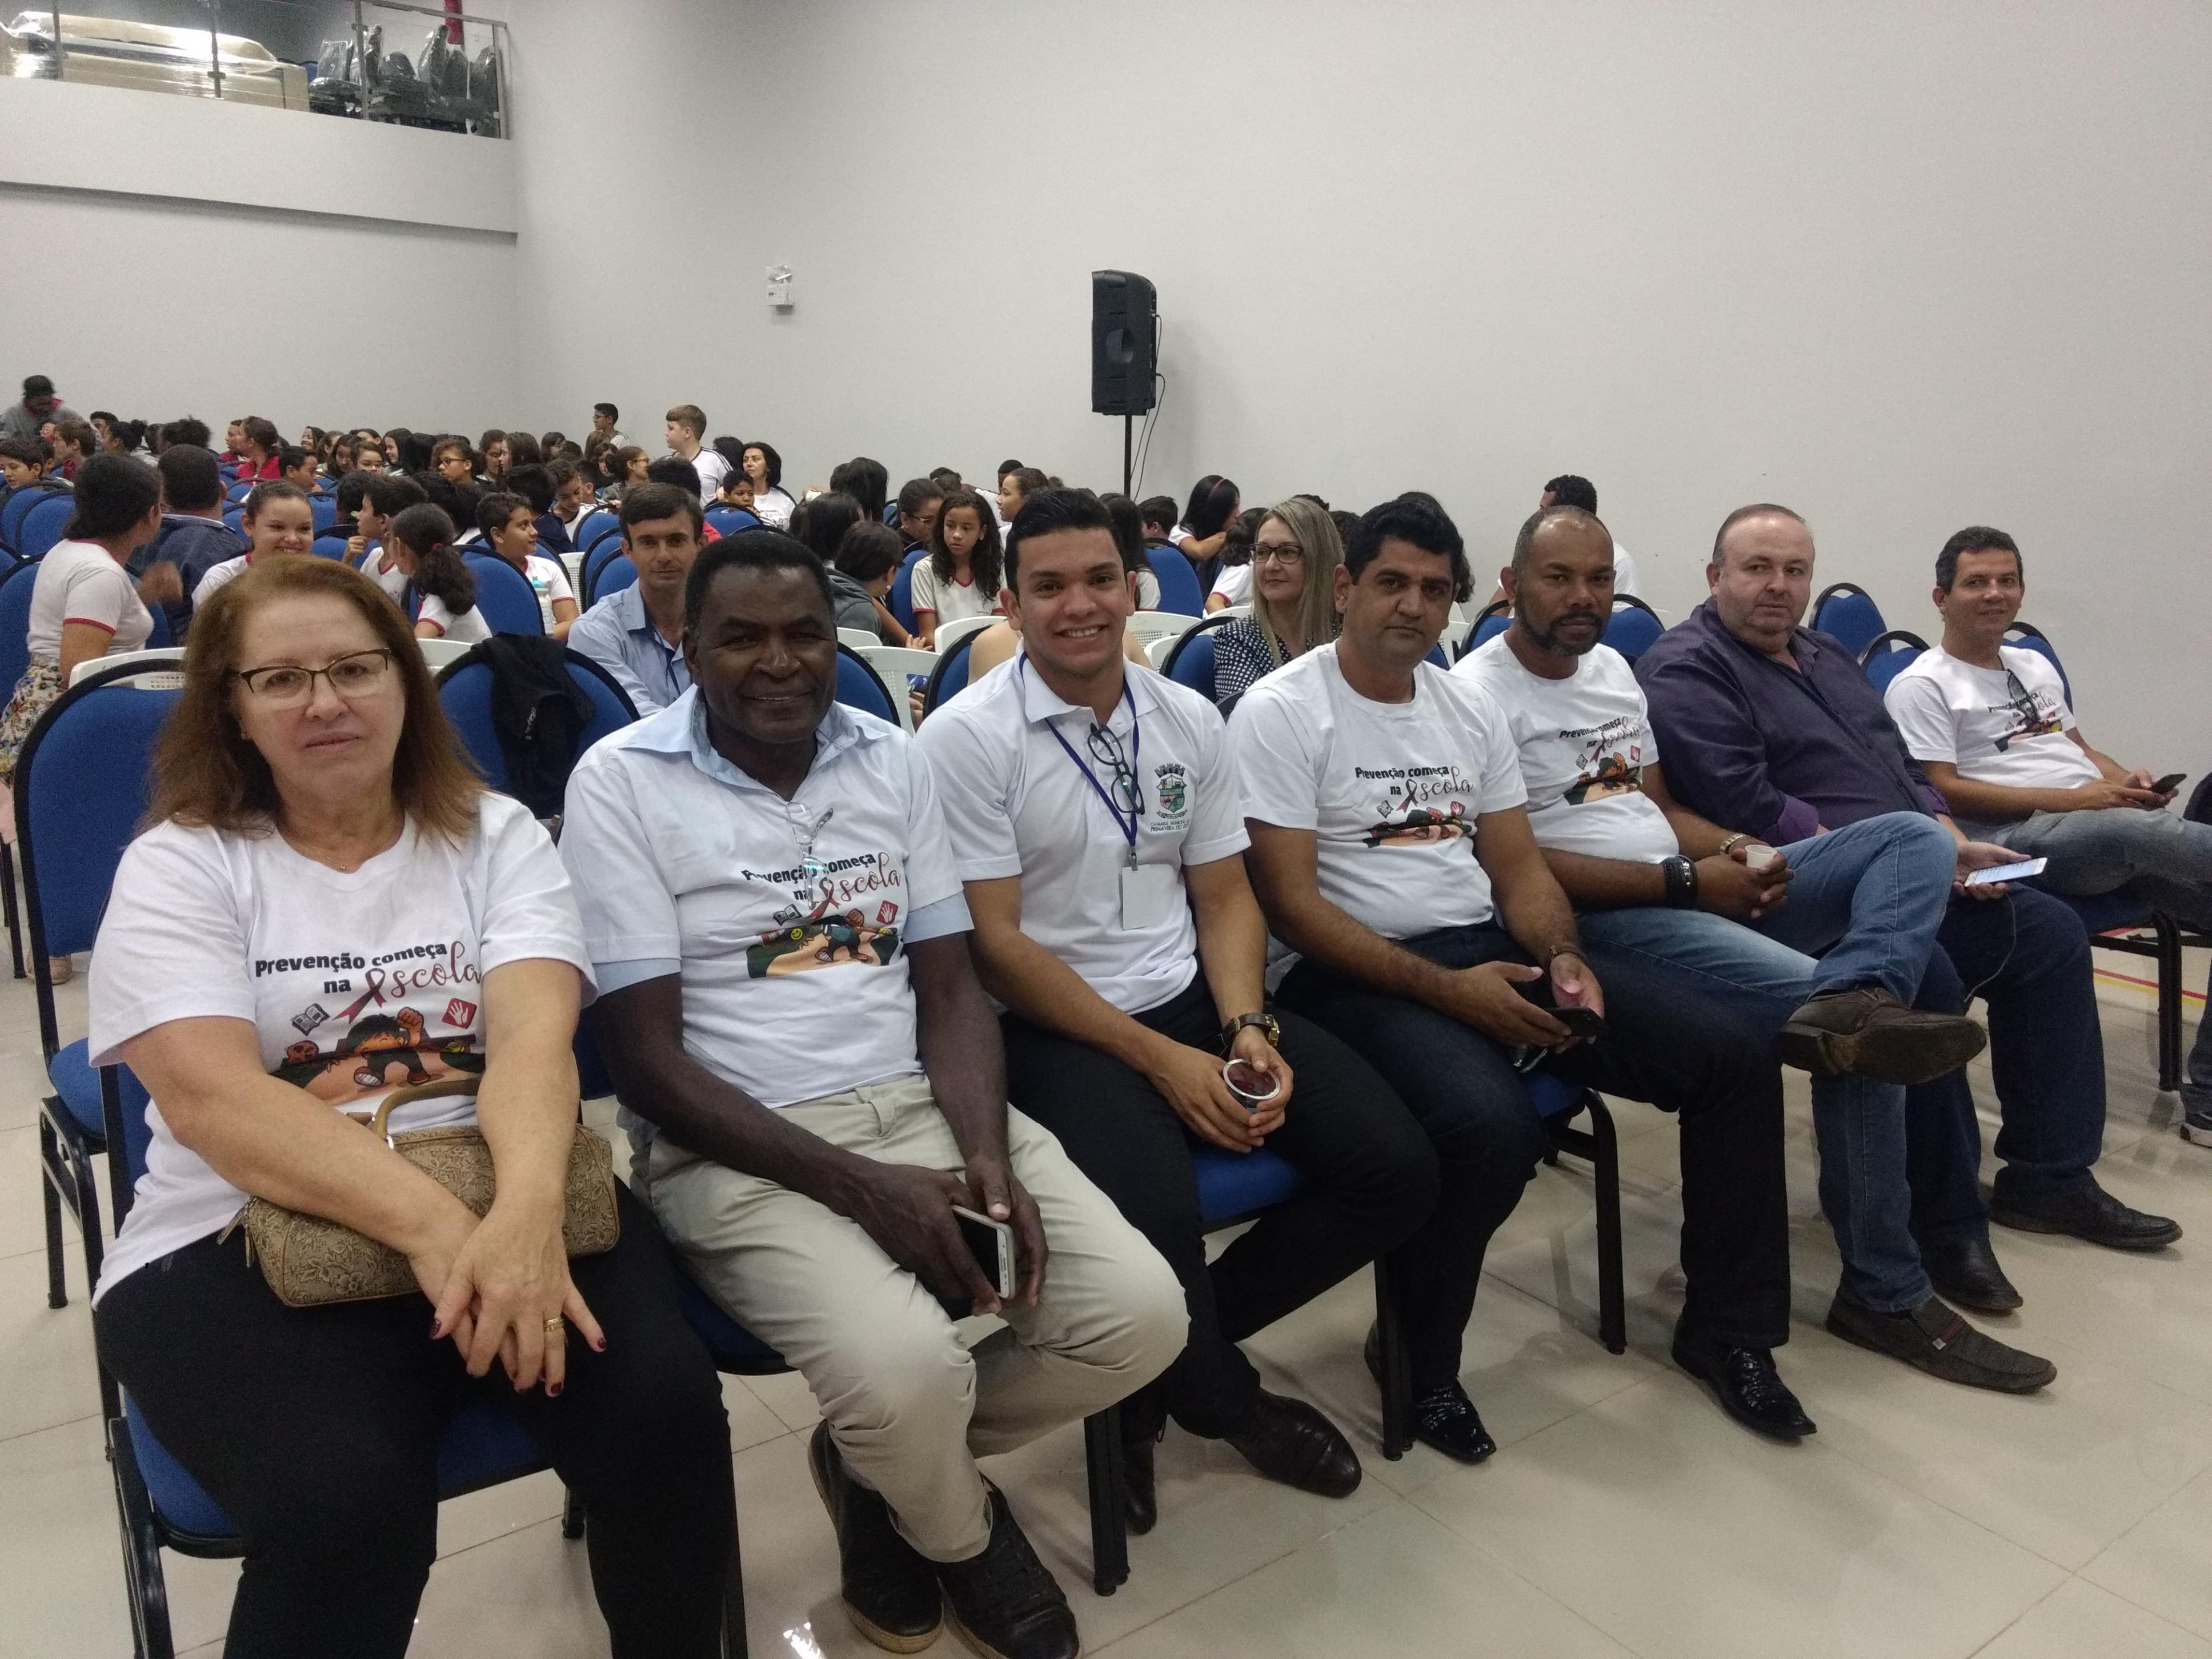 Vereadores apresentação do projeto Prevenção Começa na Escola .jpg.jpg